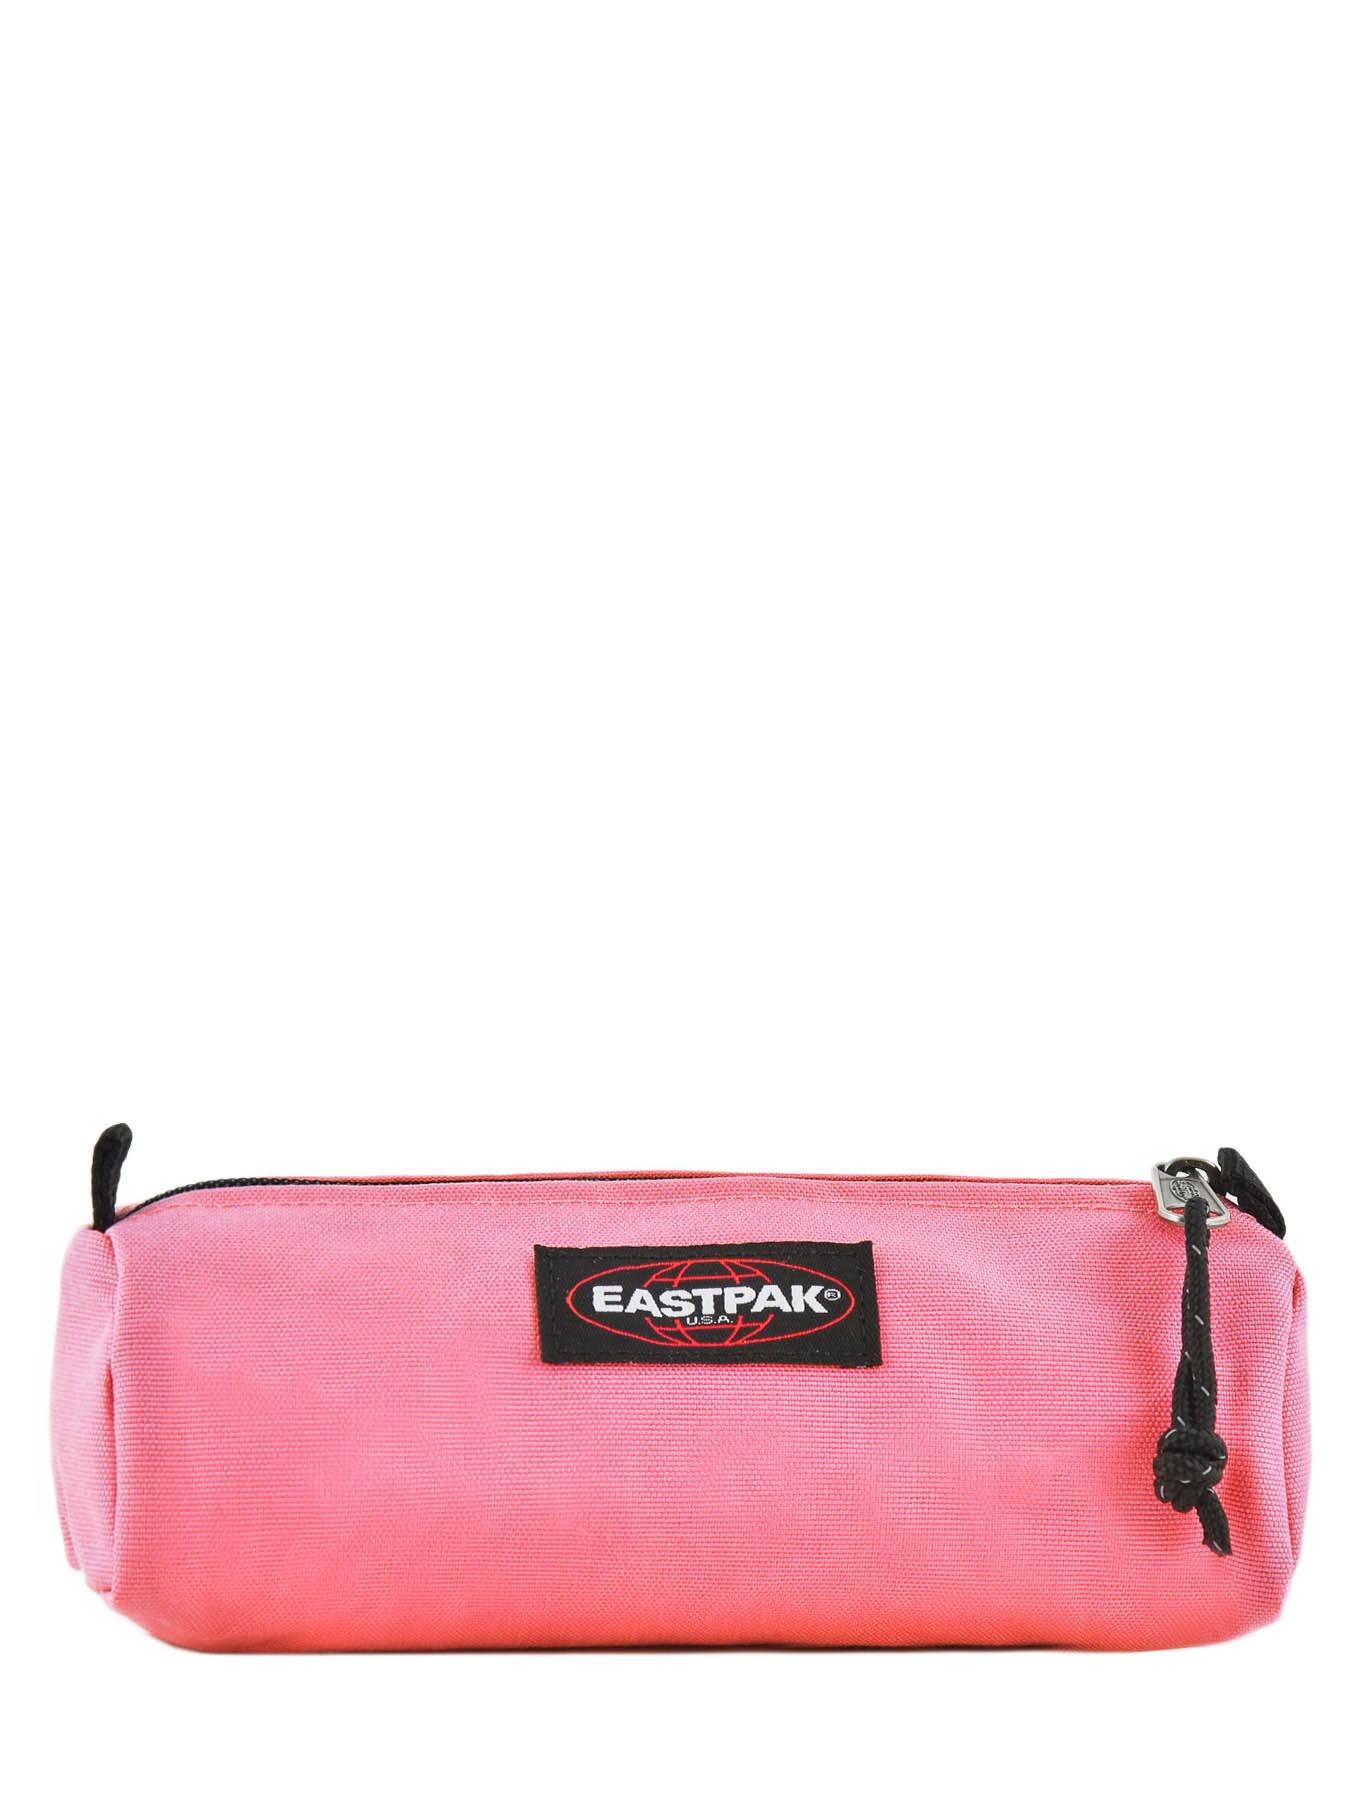 0ef05f3ad9 ... Trousse 1 Compartiment Eastpak Noir authentic K372 ...